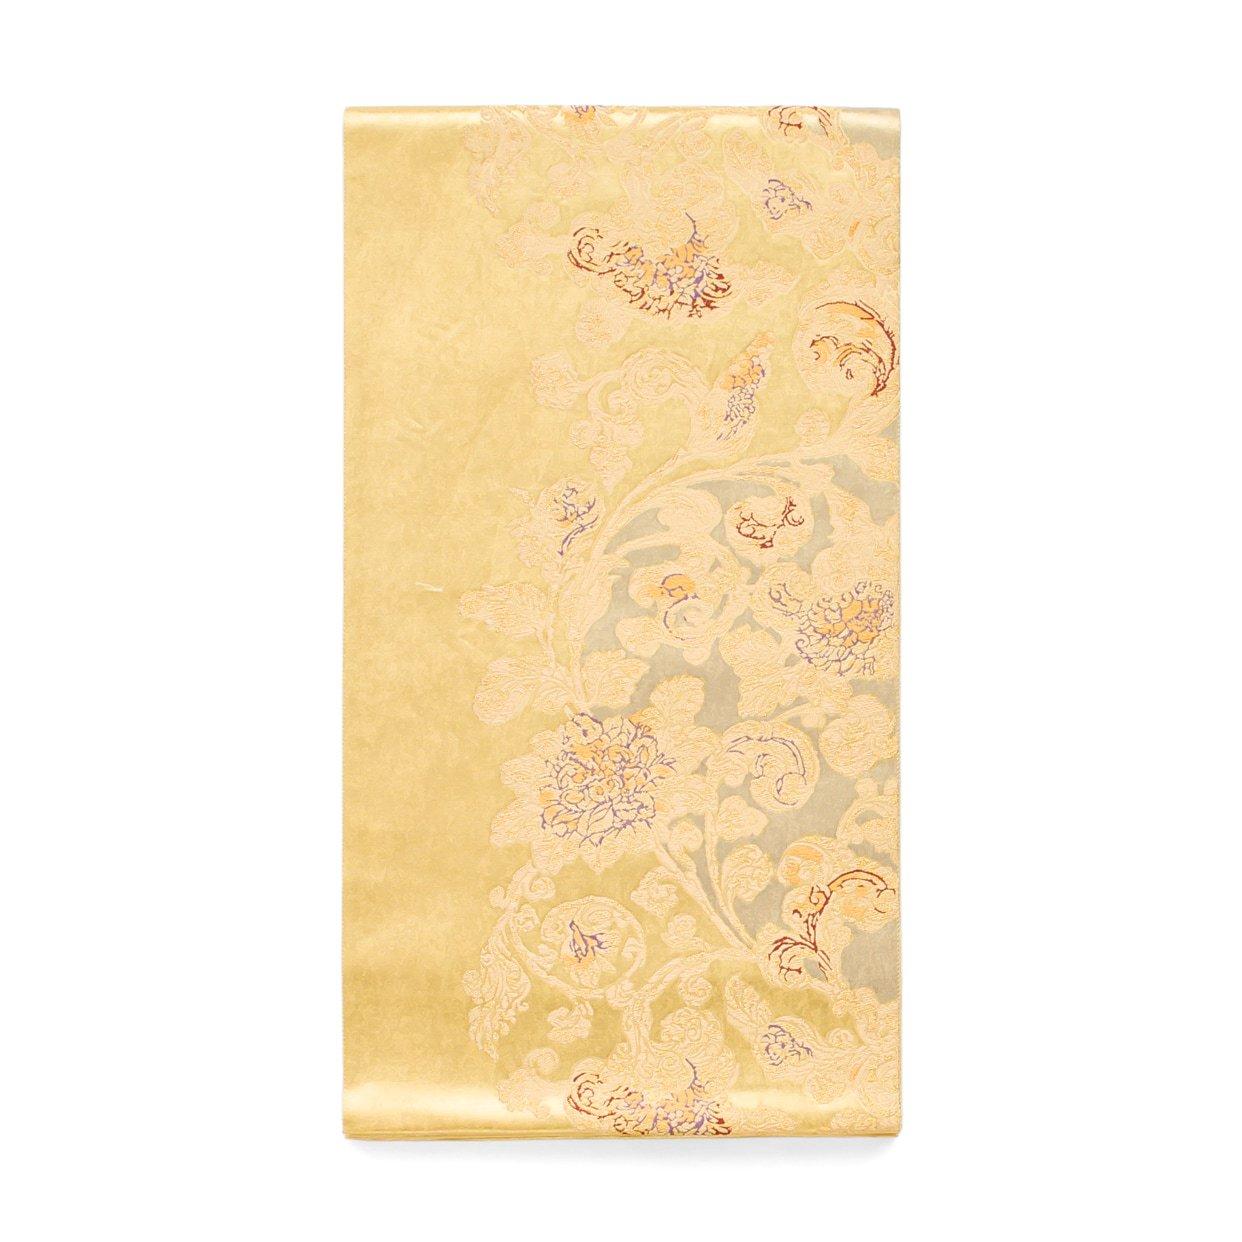 「袋帯●金唐花」の商品画像